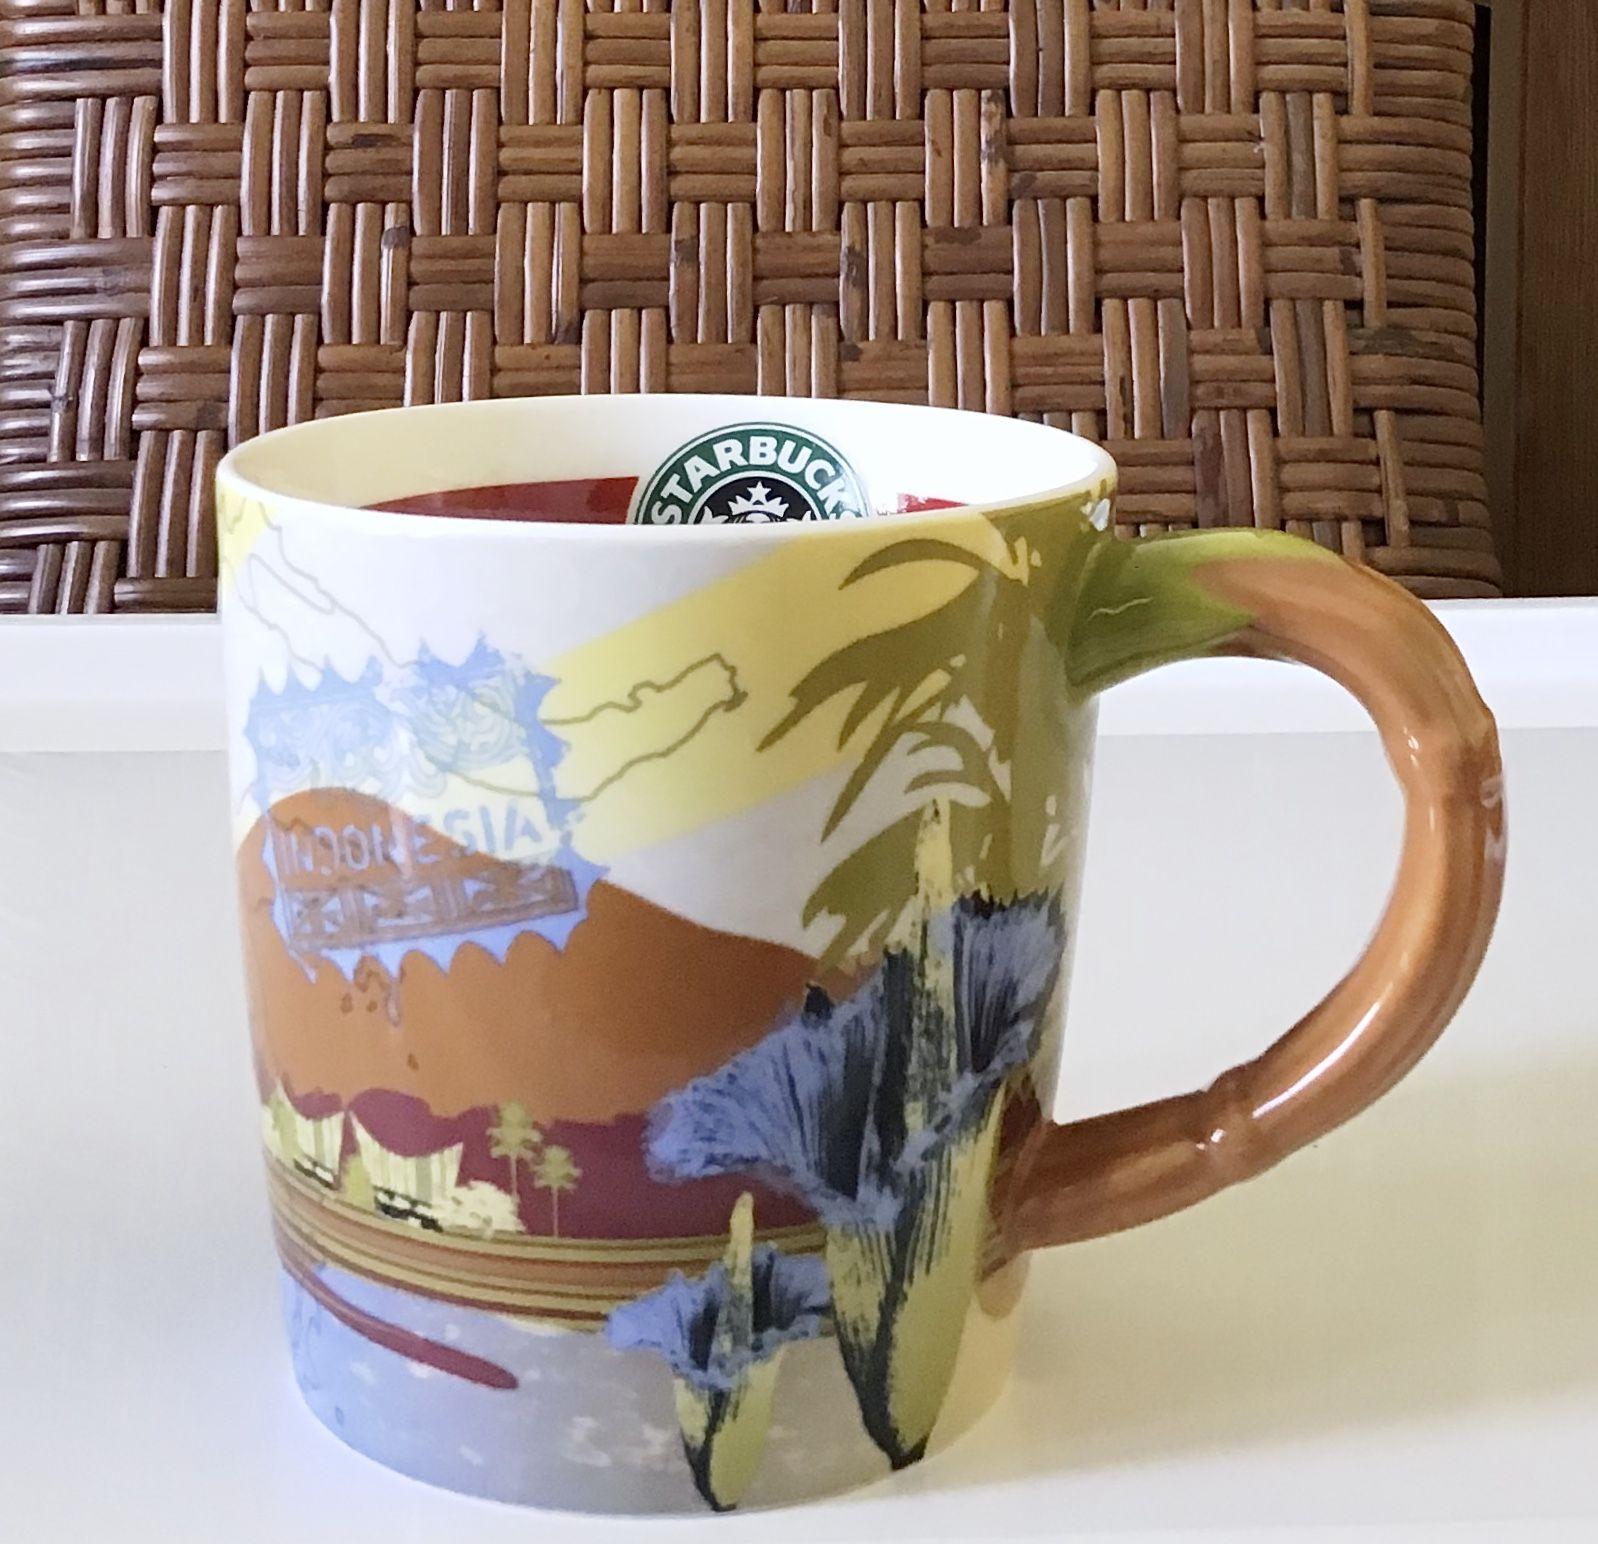 星巴克 2009 咖啡的故鄉之印度尼西亞 早餐 郵戳 馬克杯 12oz Coffee origin